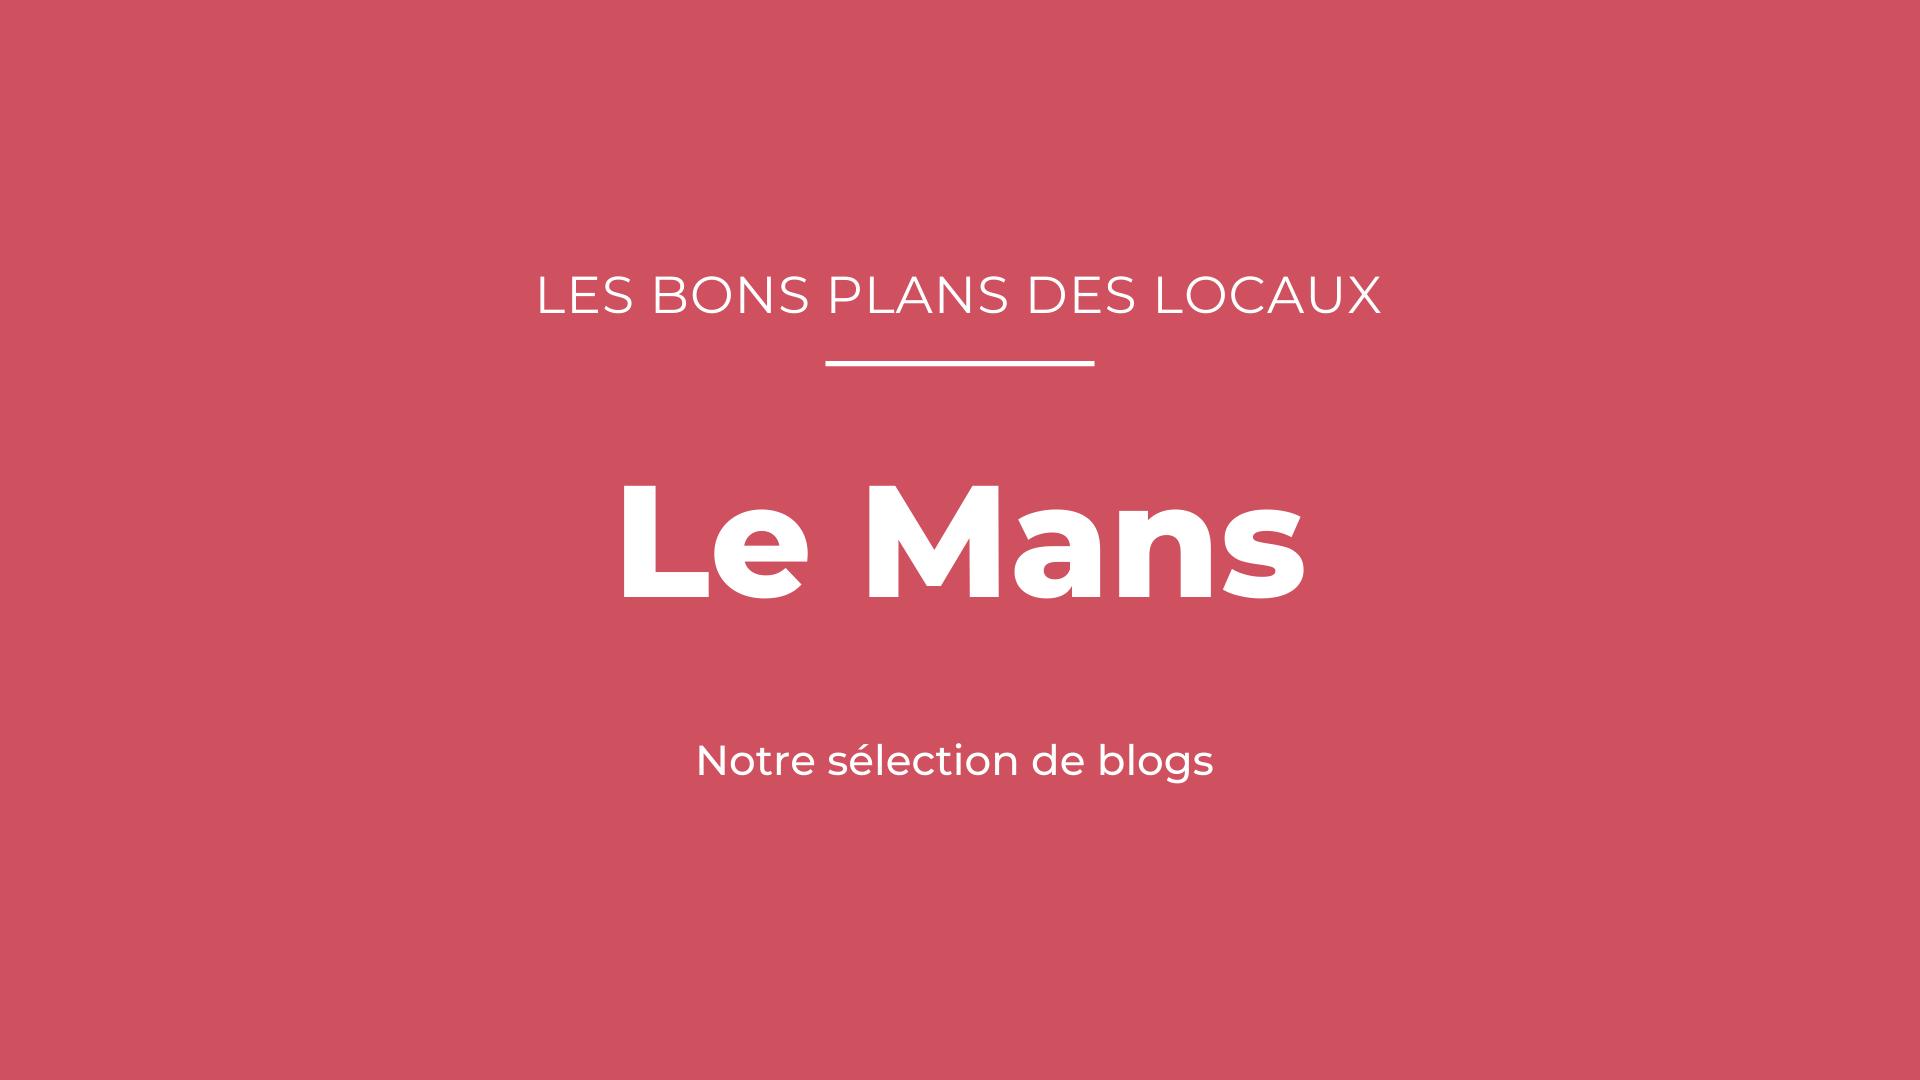 Notre sélection de blogs au Mans